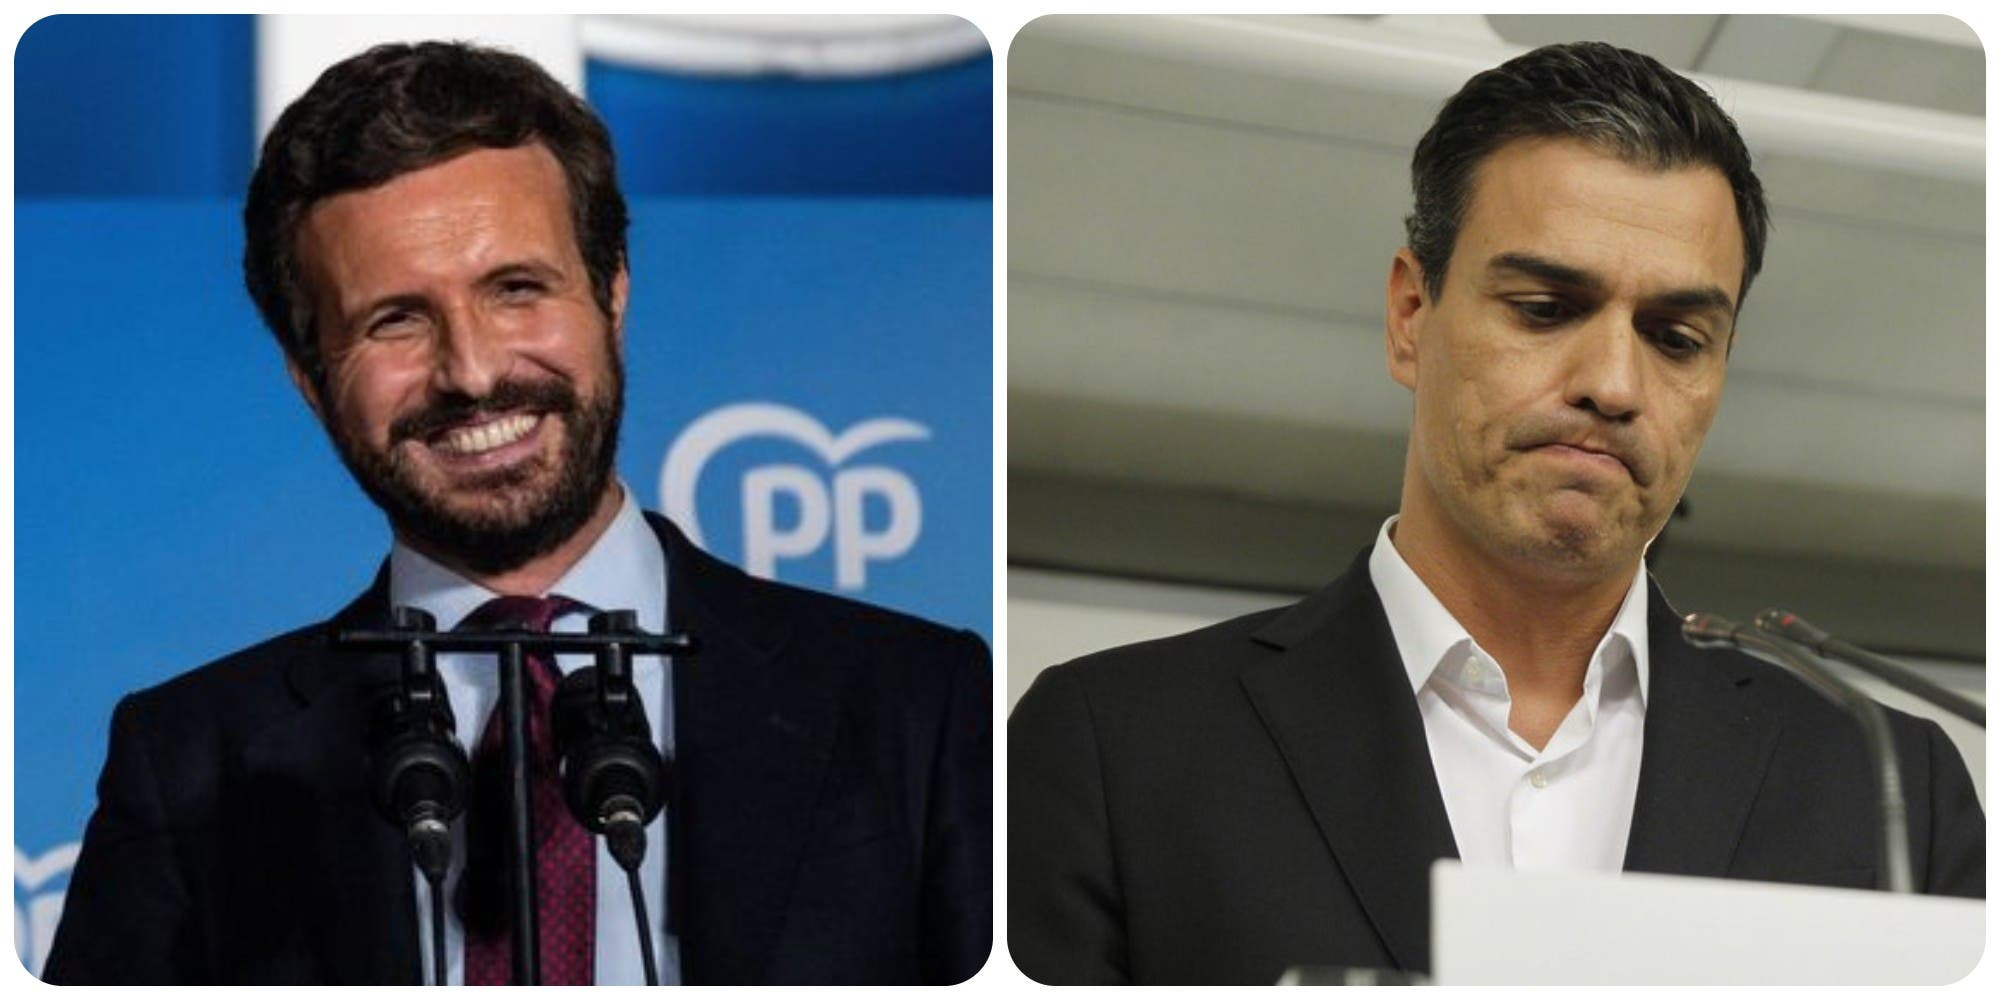 Encuesta: El PP rebasa al PSOE (138-103) y con VOX (40) alcanza la mayoría absoluta